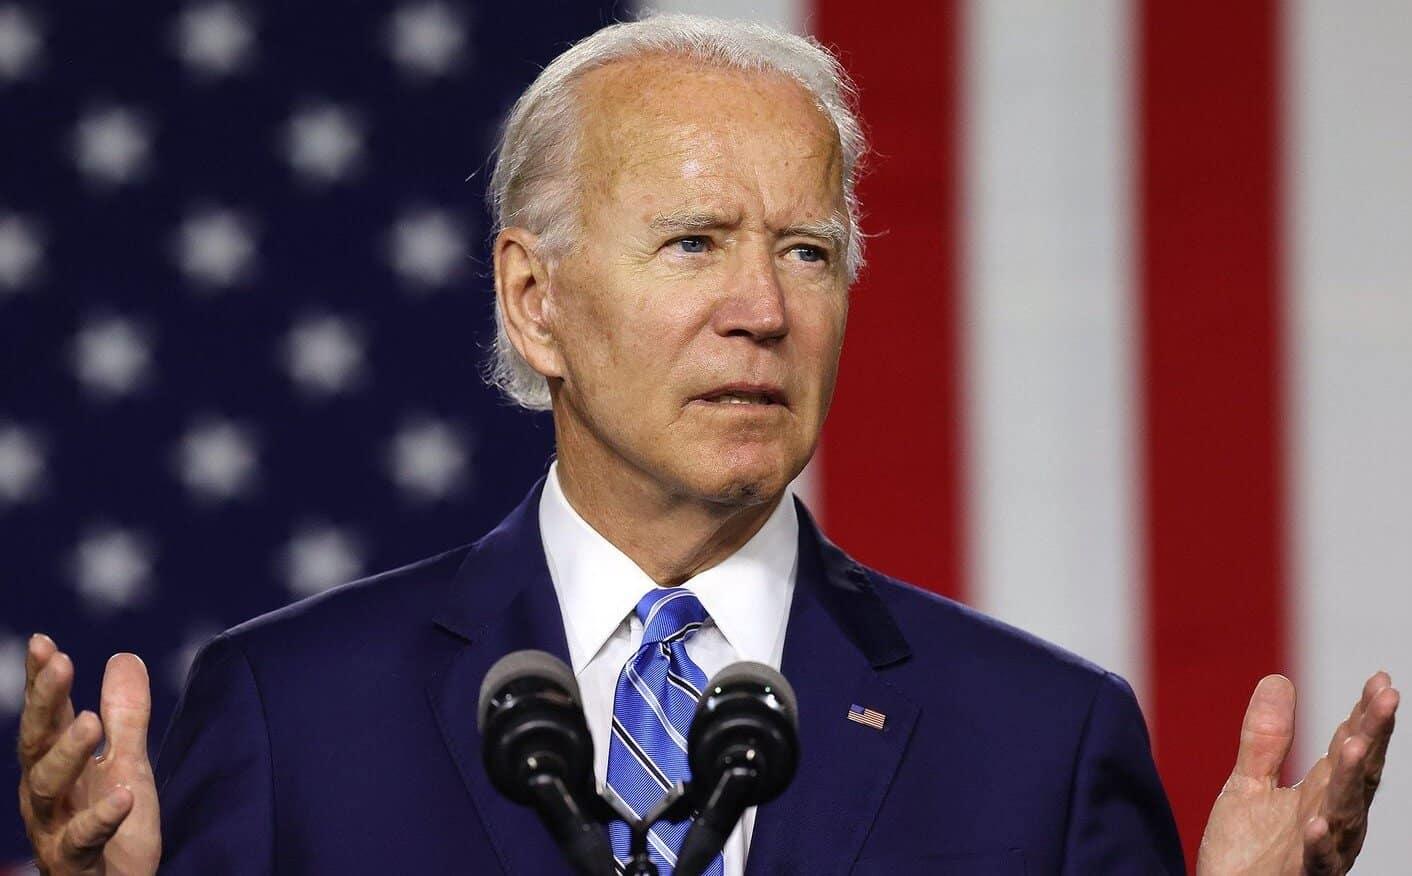 Joe Biden effect on the markets